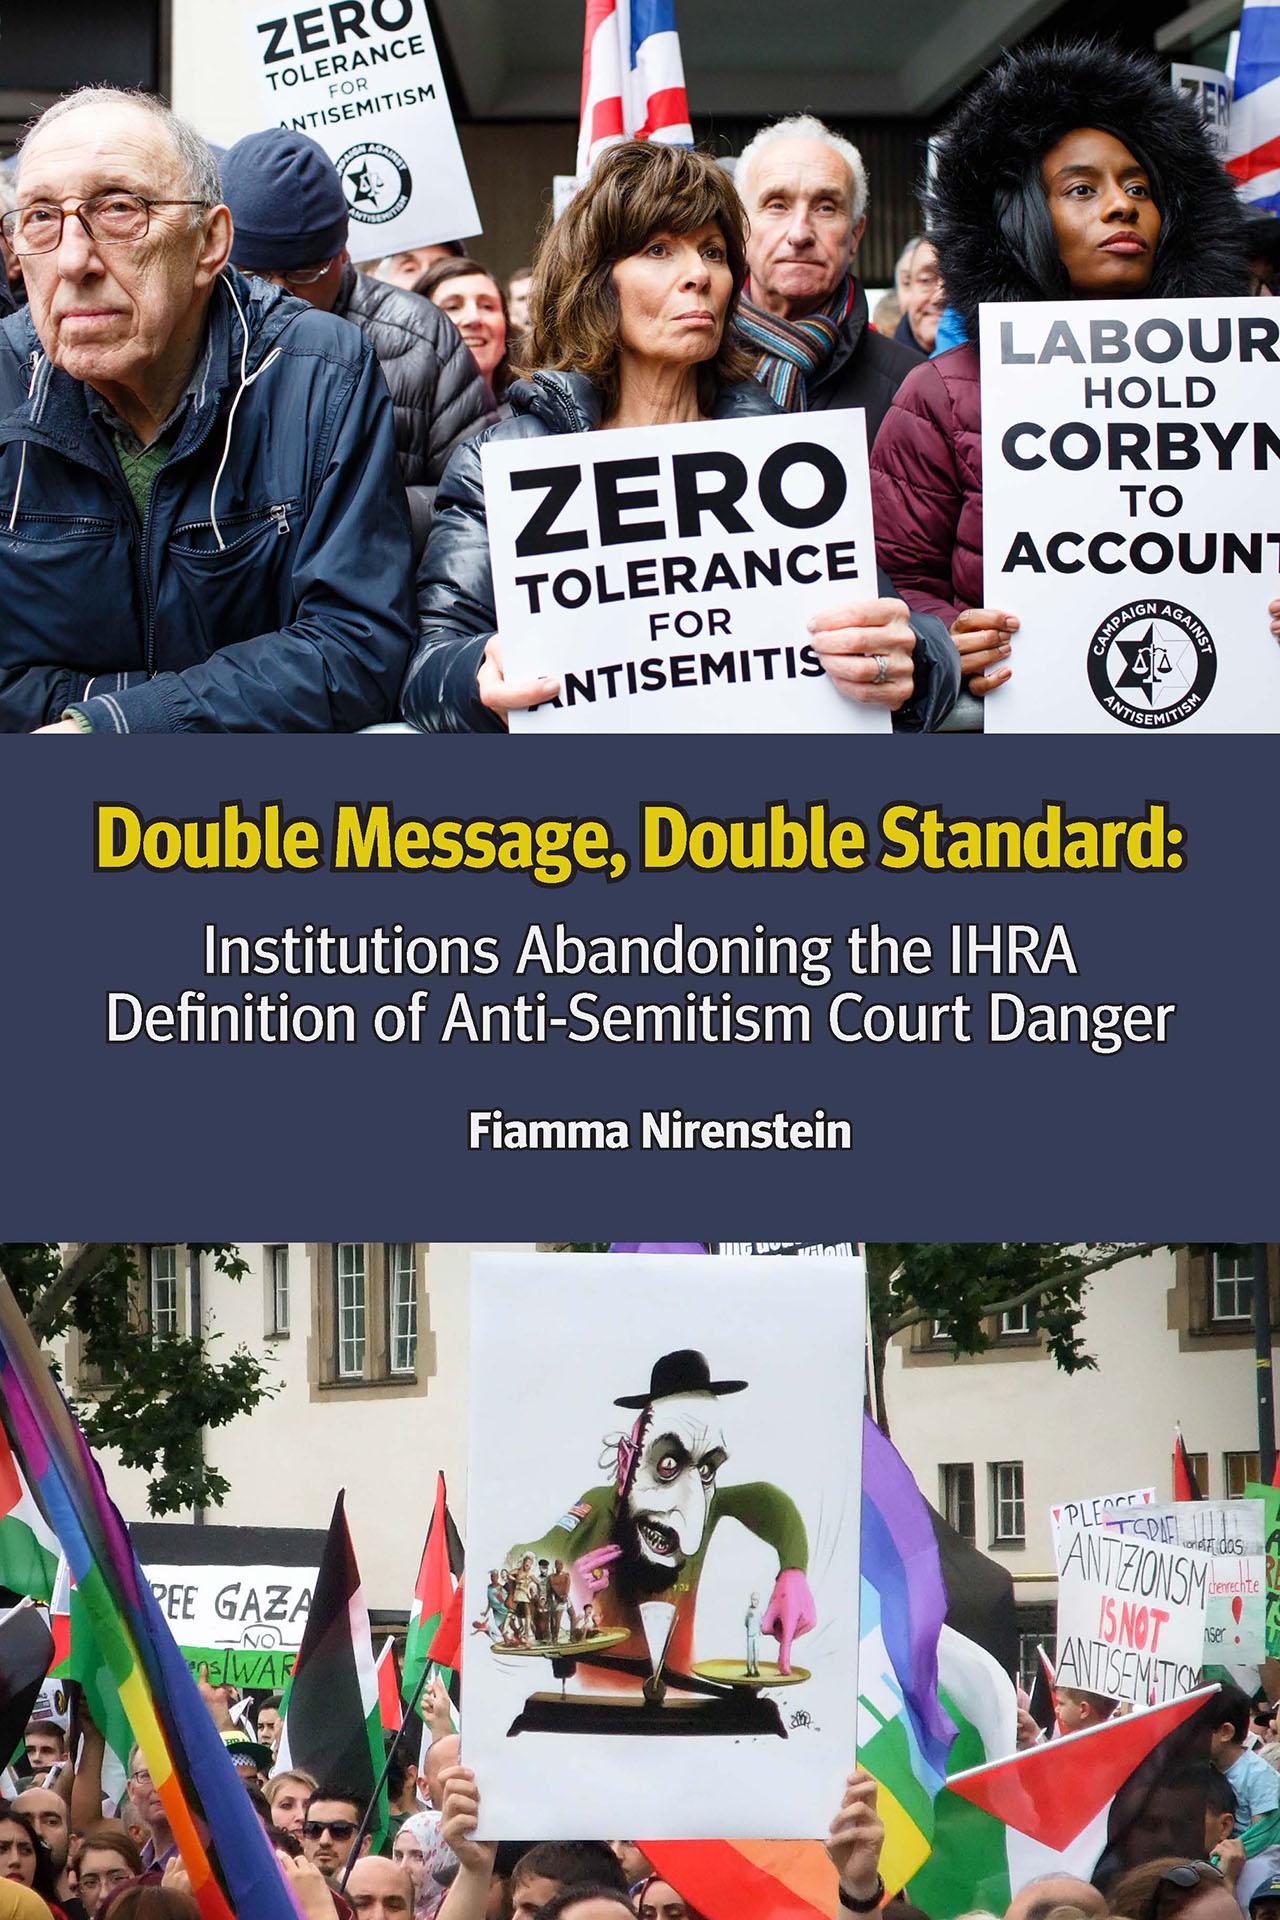 הודעה כפולה, תקן כפול: מוסדות שנטשו את הגדרת IHRA לסכנת בית משפט לאנטישמיות